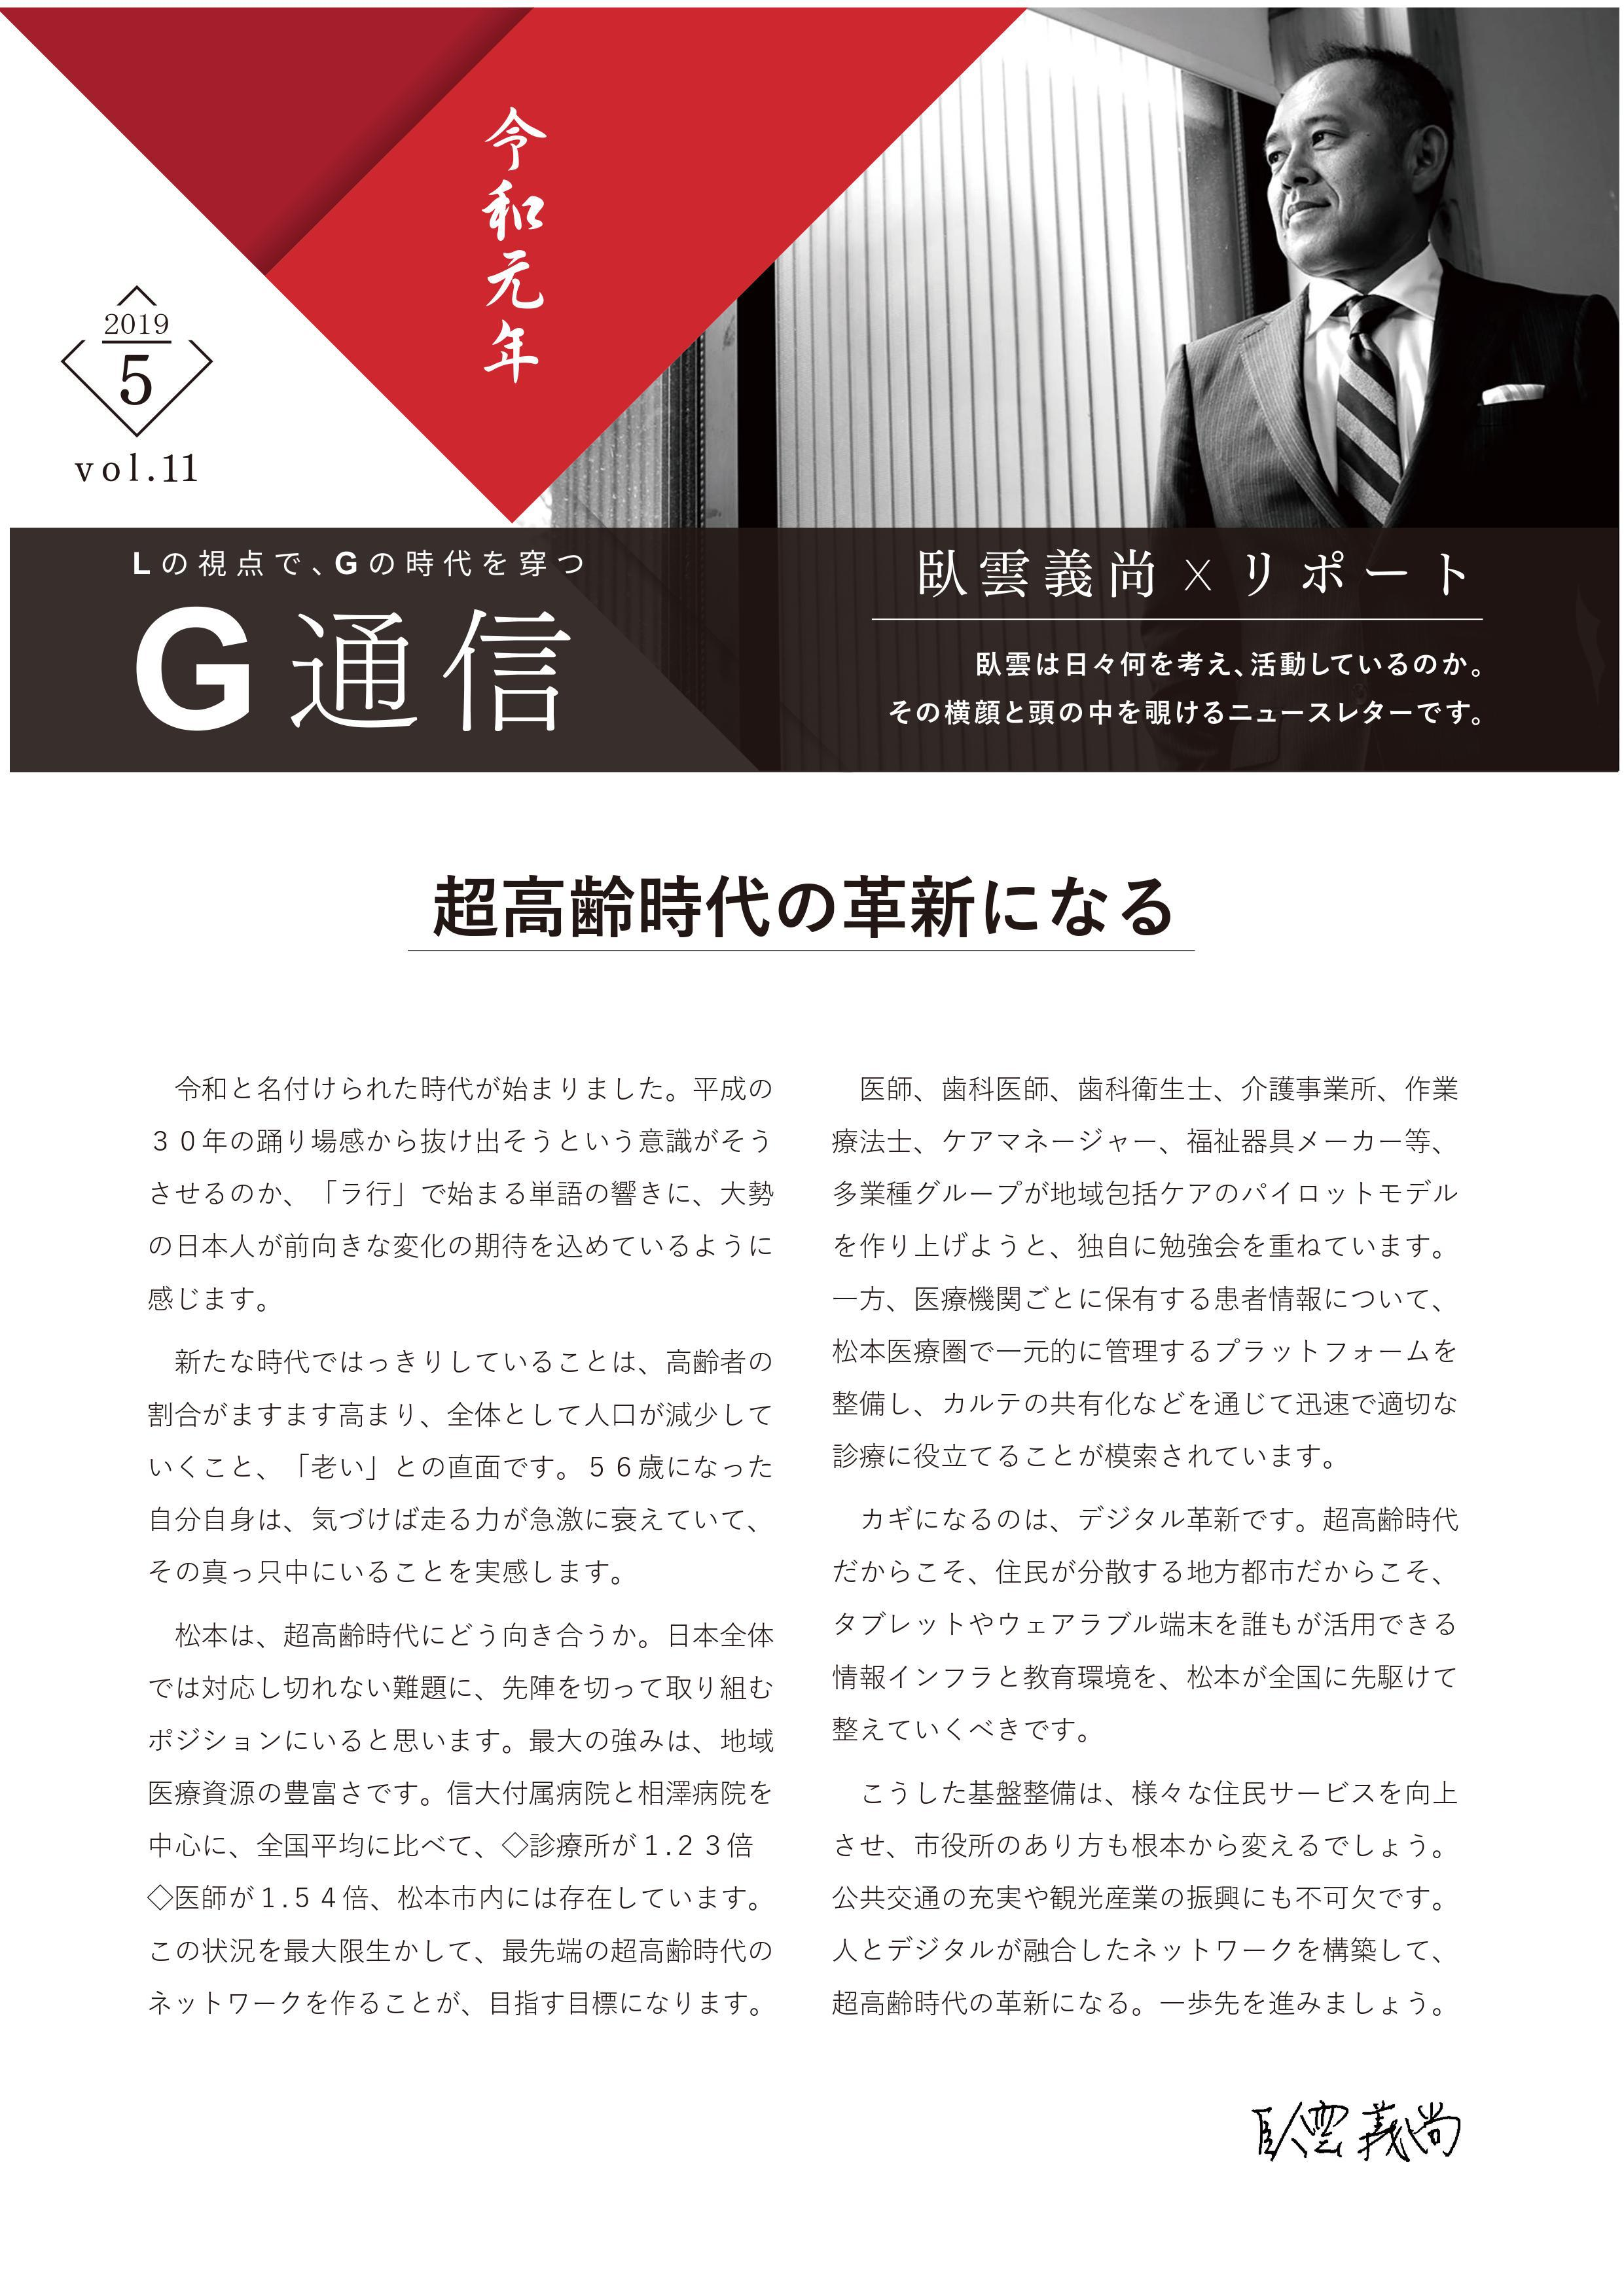 G通信Vol.11 超高齢時代の革新になる